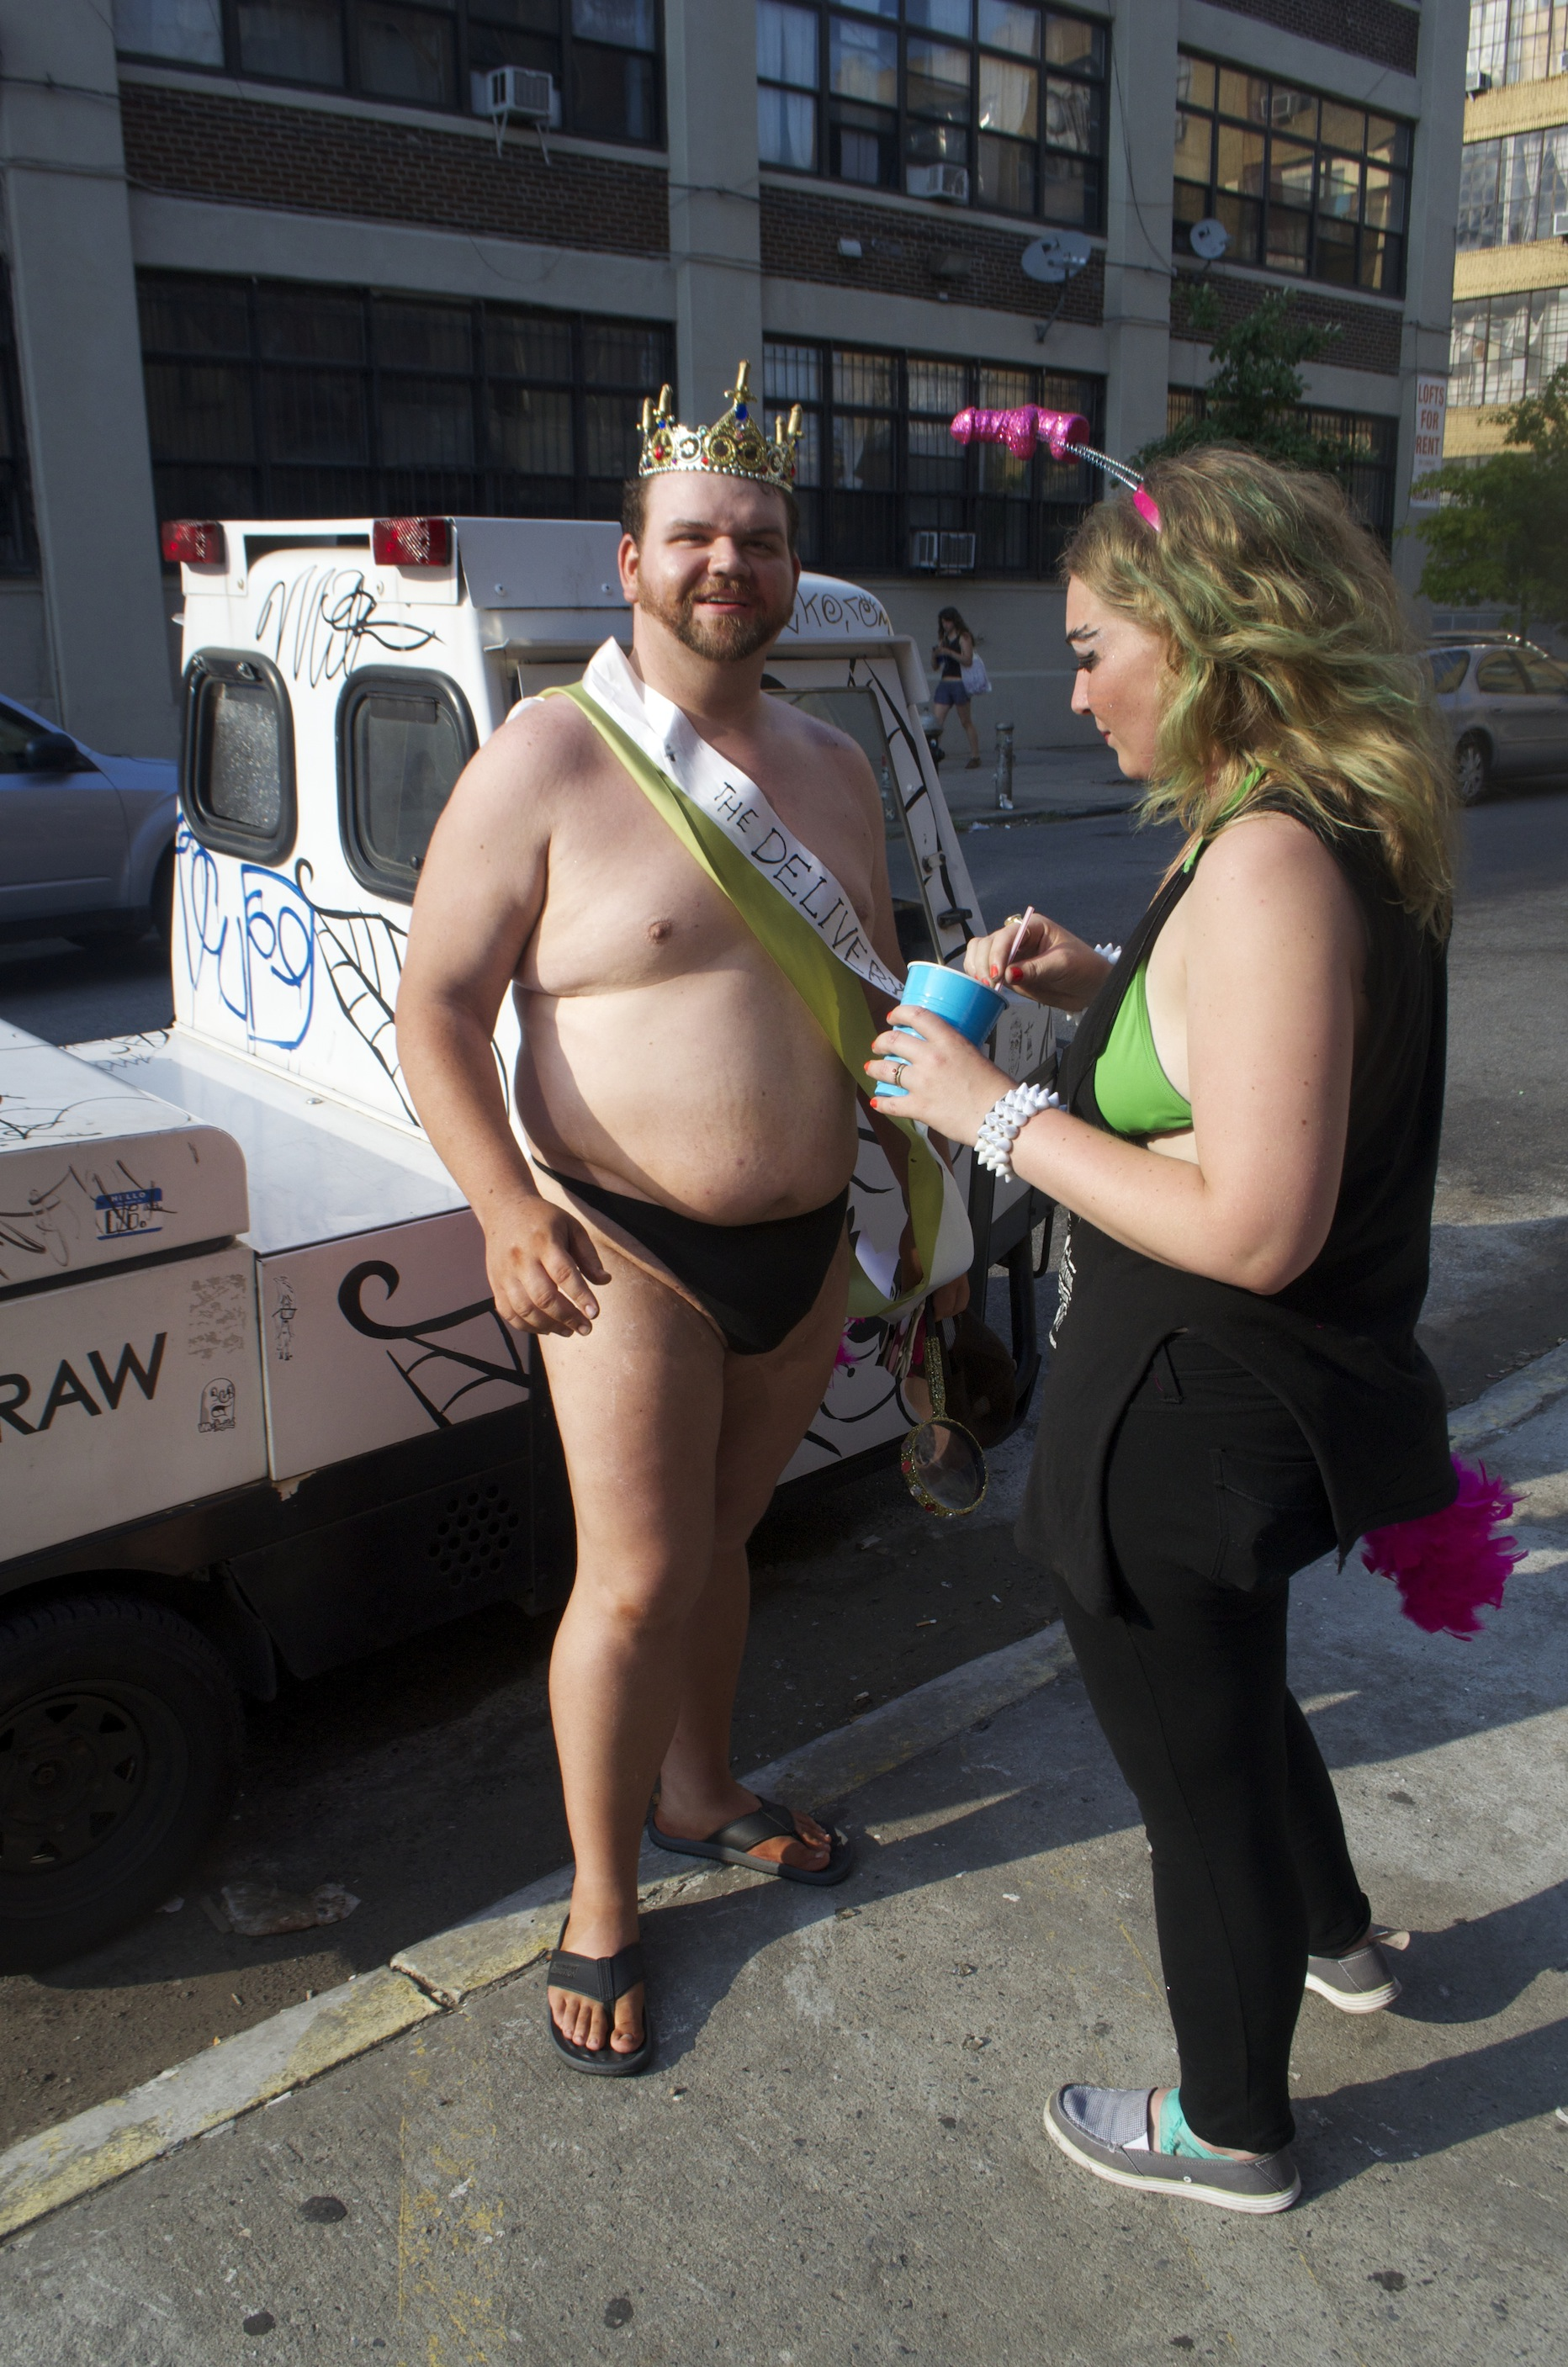 Smallest adult penis naked, helen helgenberger naked